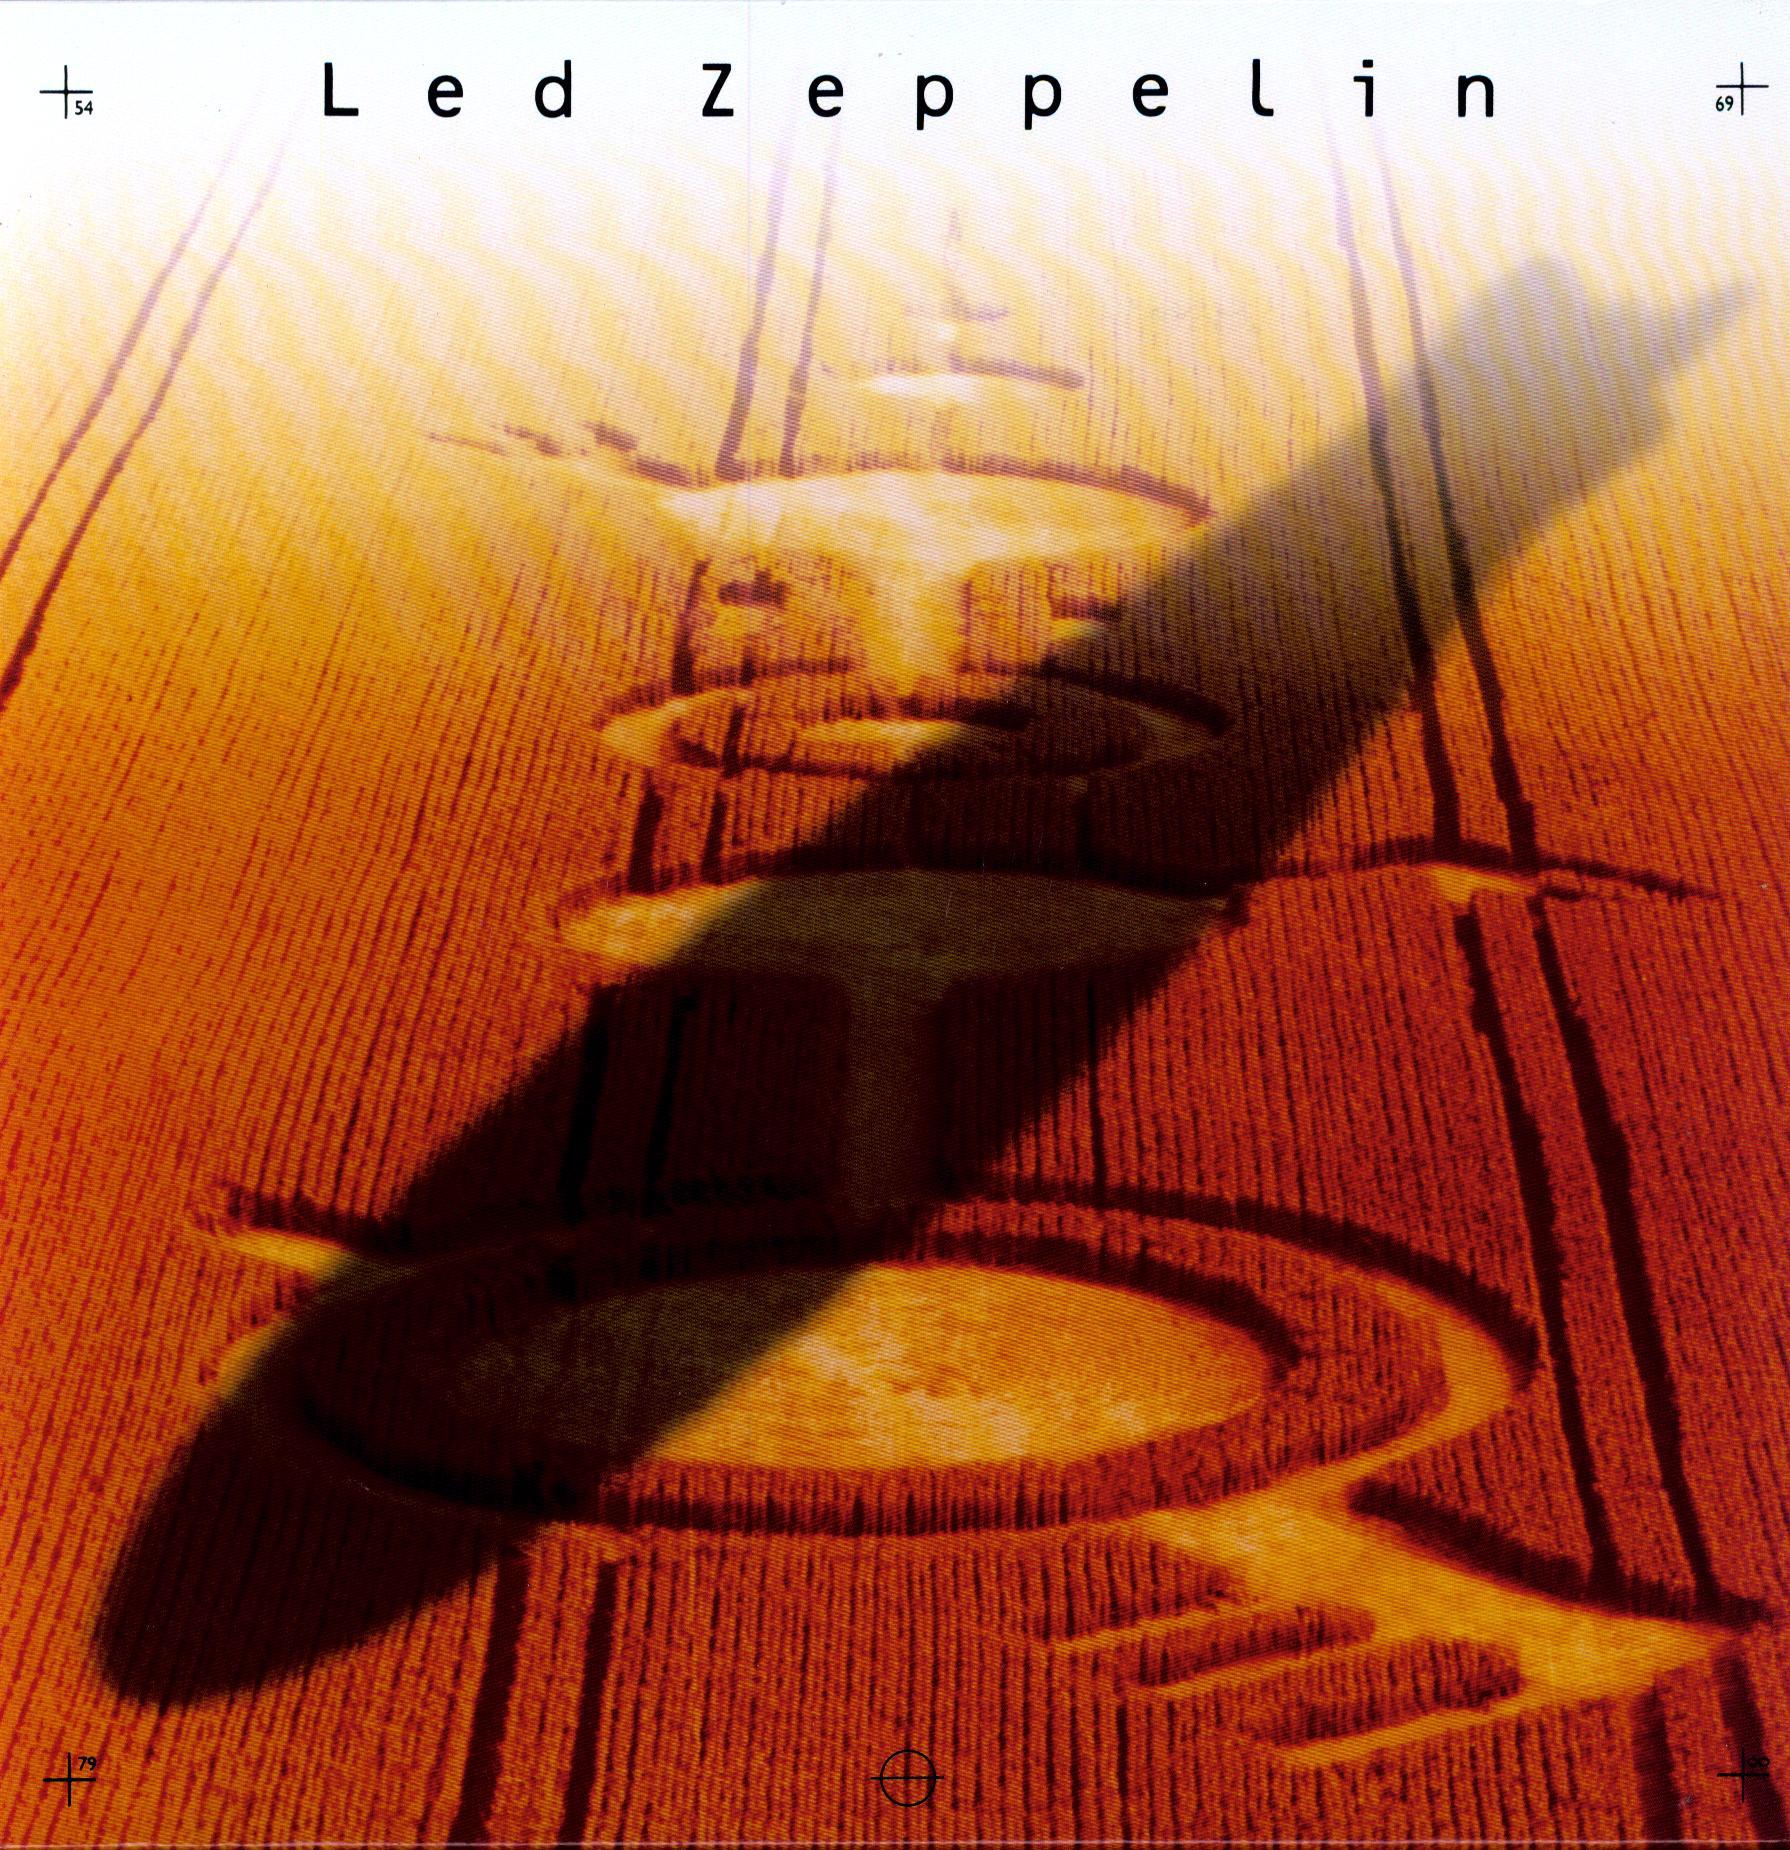 Led Zeppelin - Led Zeppelin Box Set